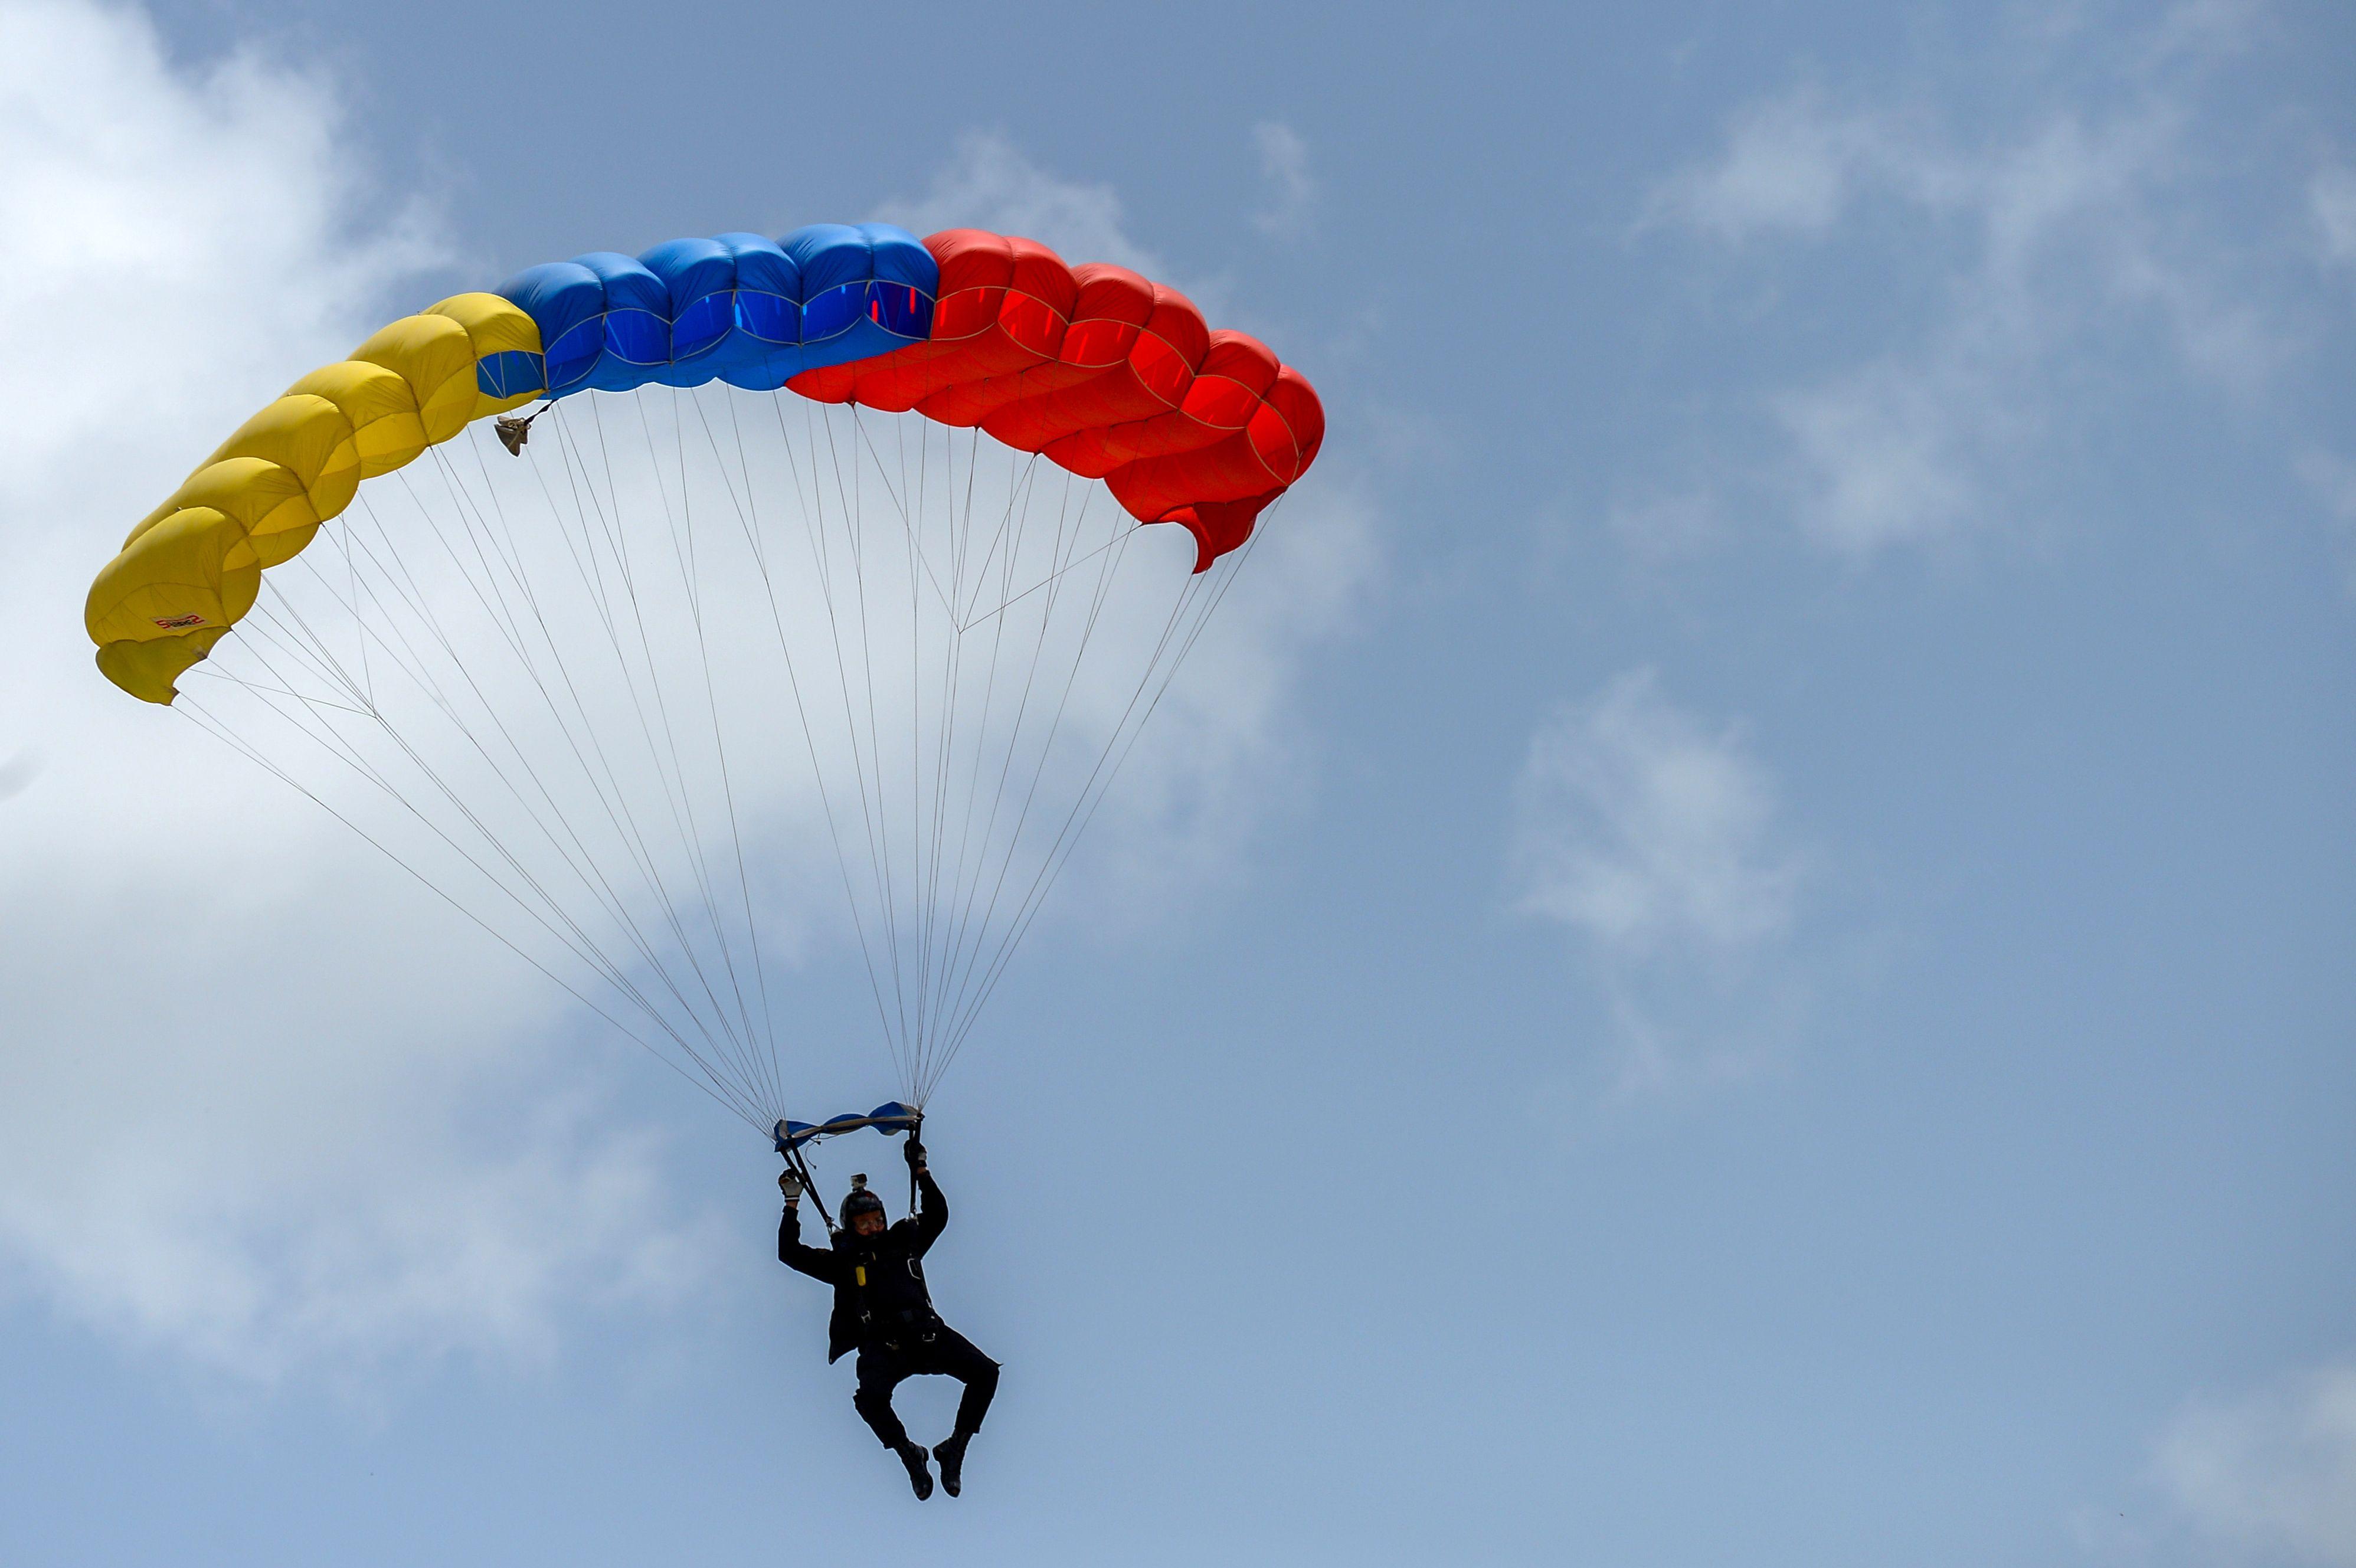 جندى يقفز بالبراشوت